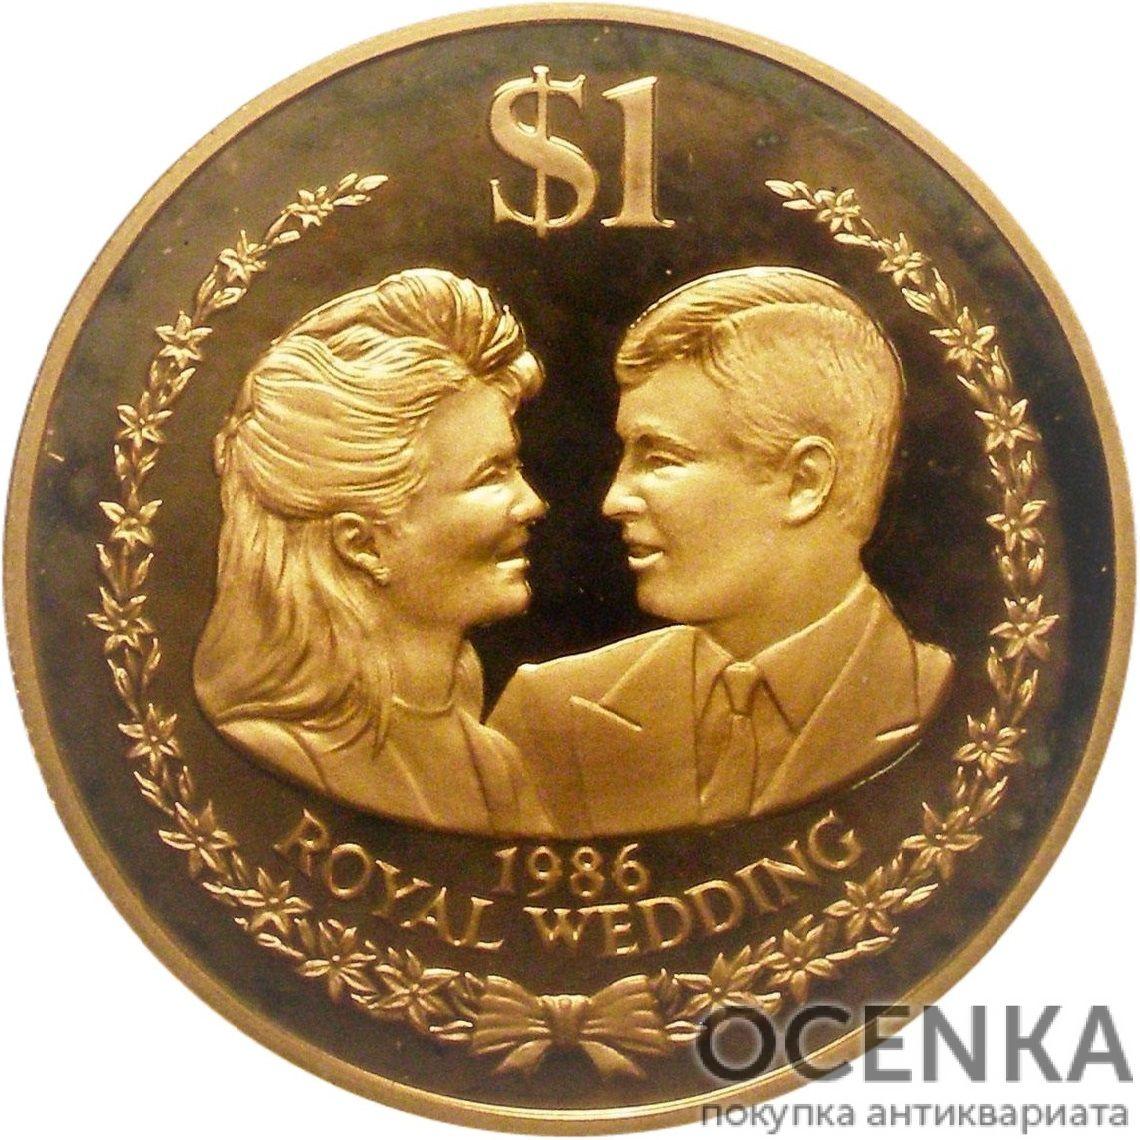 Золотая монета 1 Доллар Островов Кука